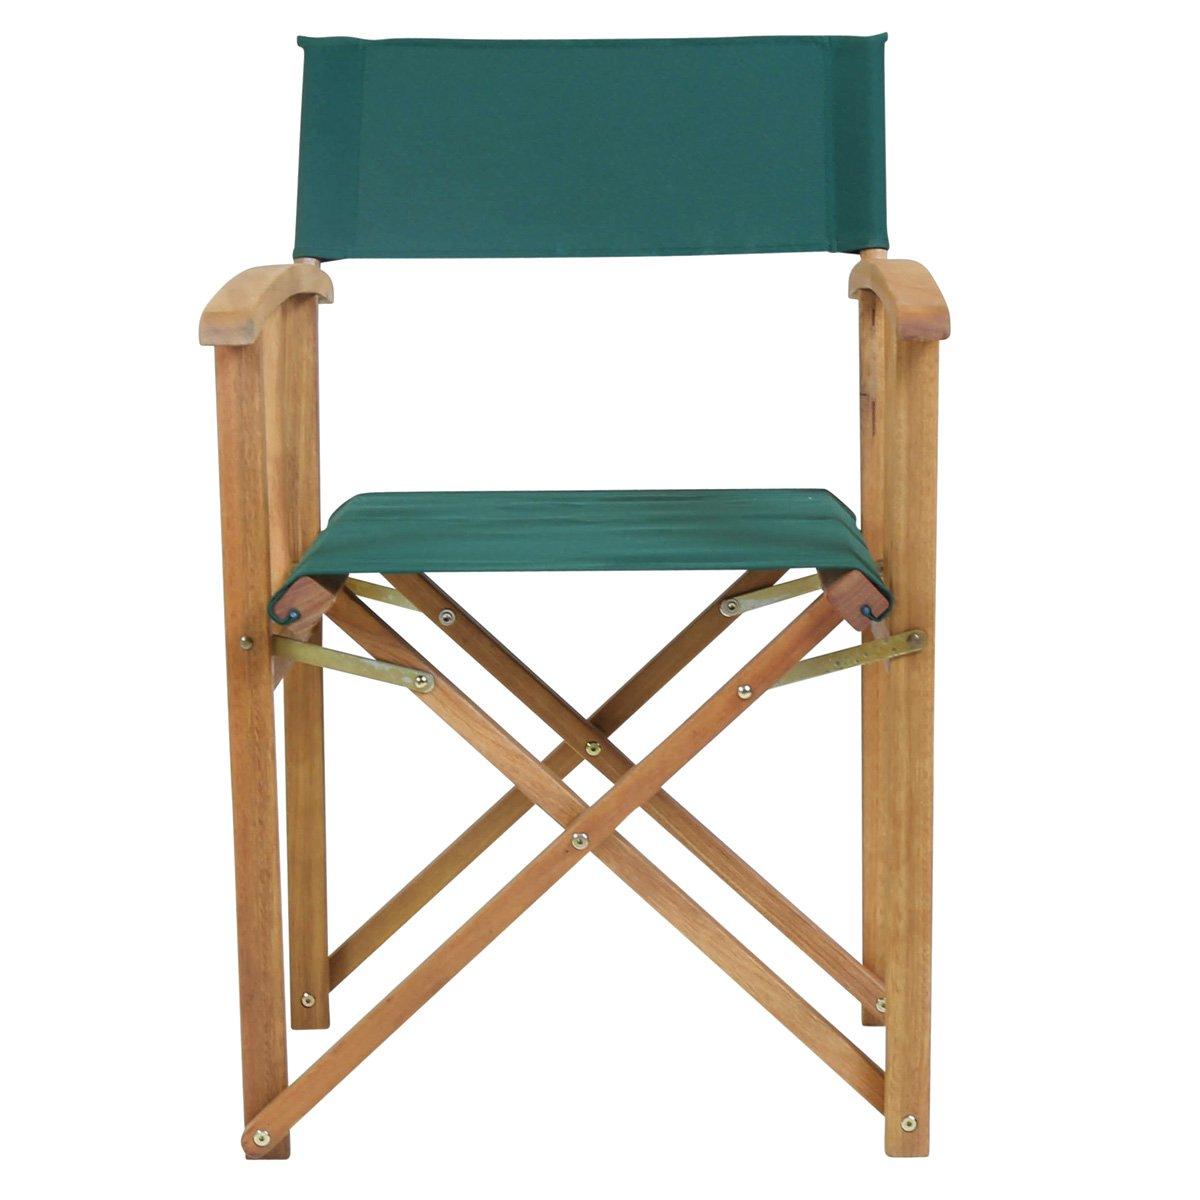 Charles Bentley Pair Of Folding Wooden Directors Chairs FSC Certified  Outdoor Garden Furniture   Green: Amazon.co.uk: Garden U0026 Outdoors